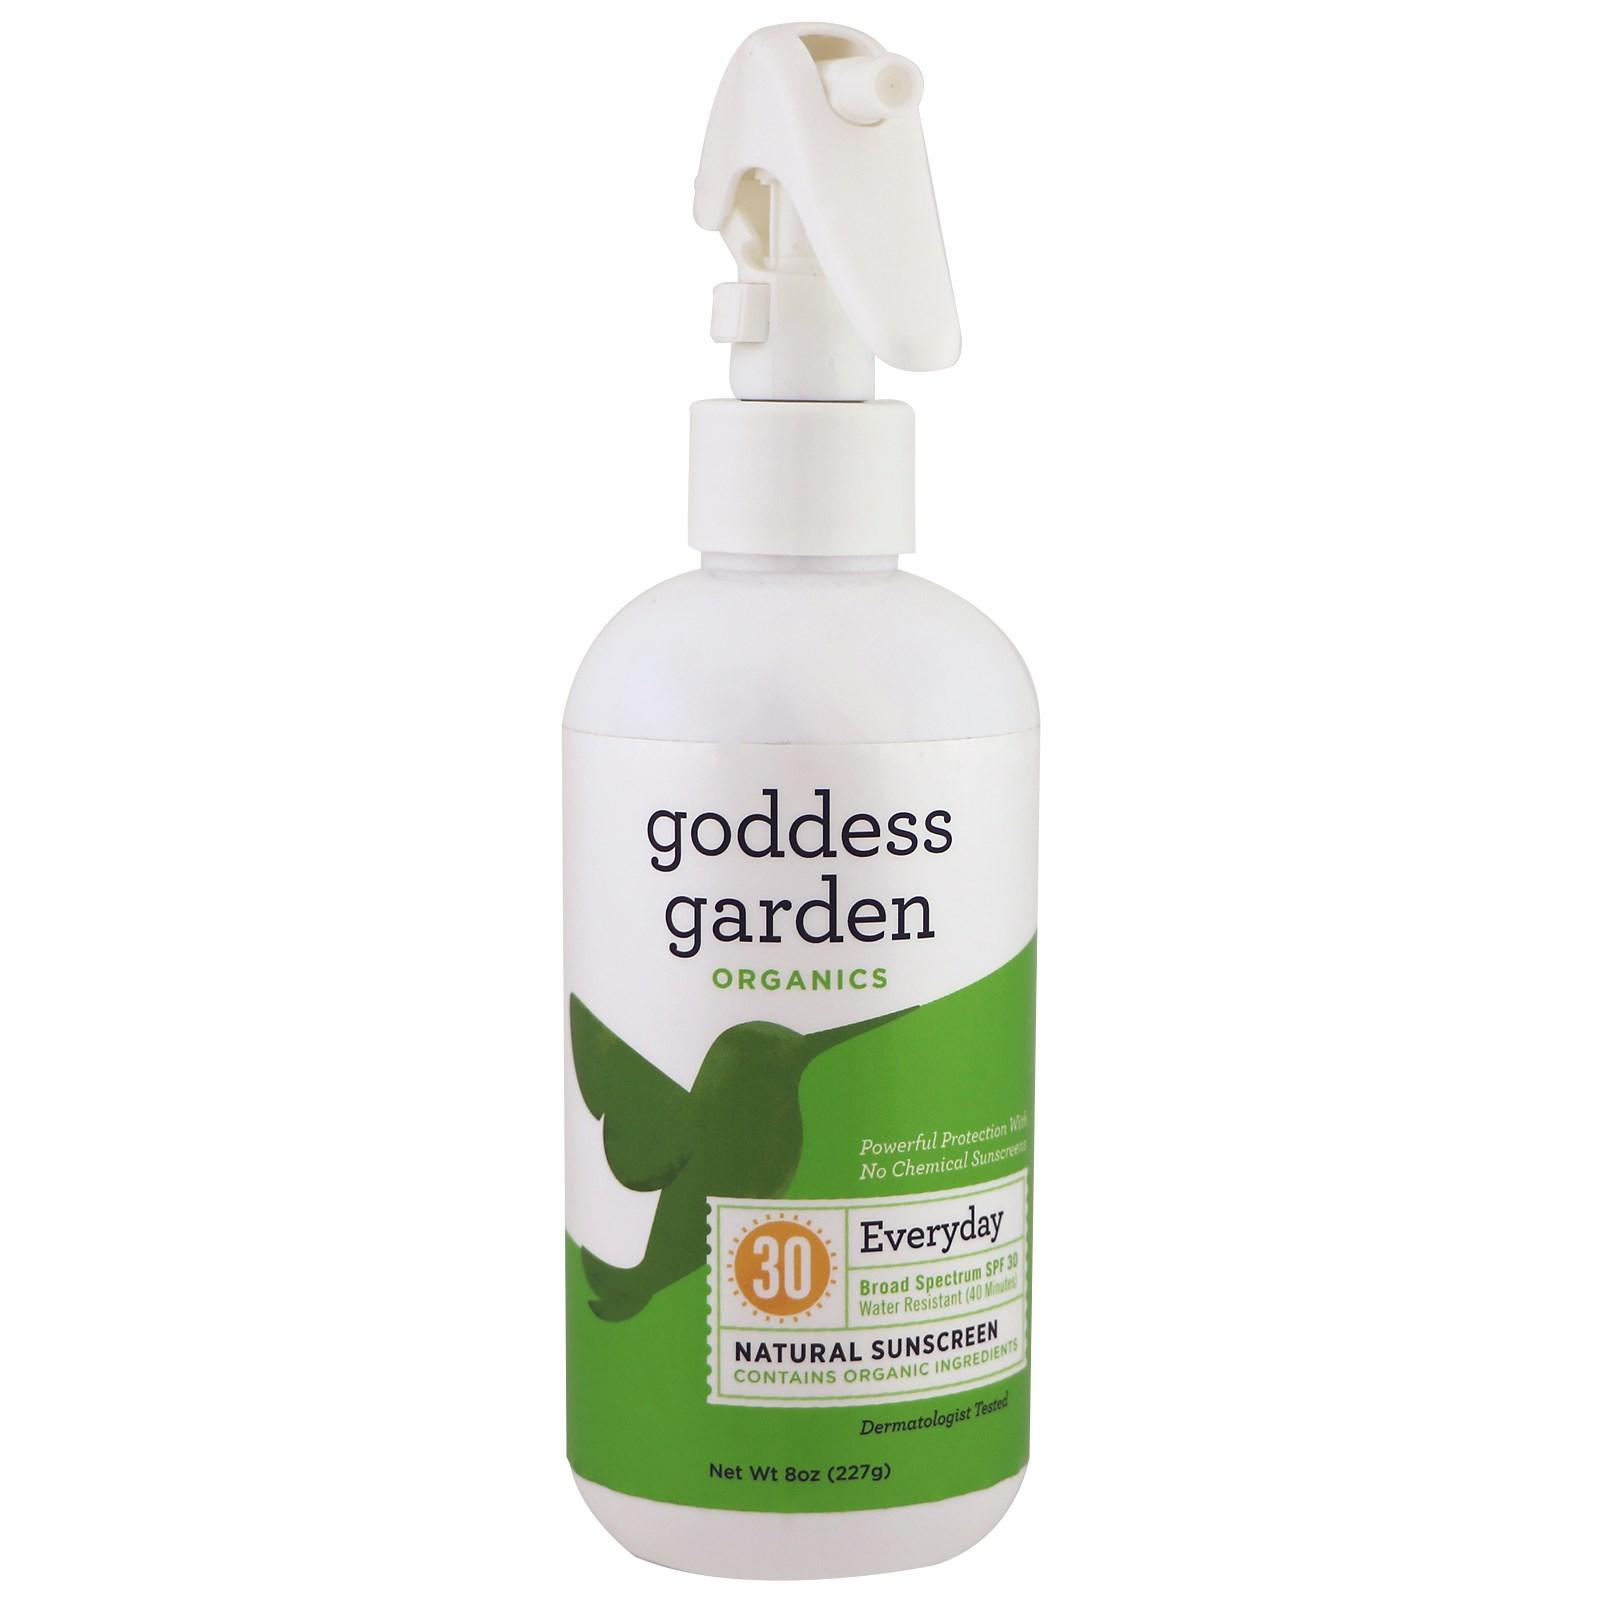 Goddess Garden, Organics, натуральное солнцезащитное средство на каждый день, SPF 30, 8 унций (236 мл)